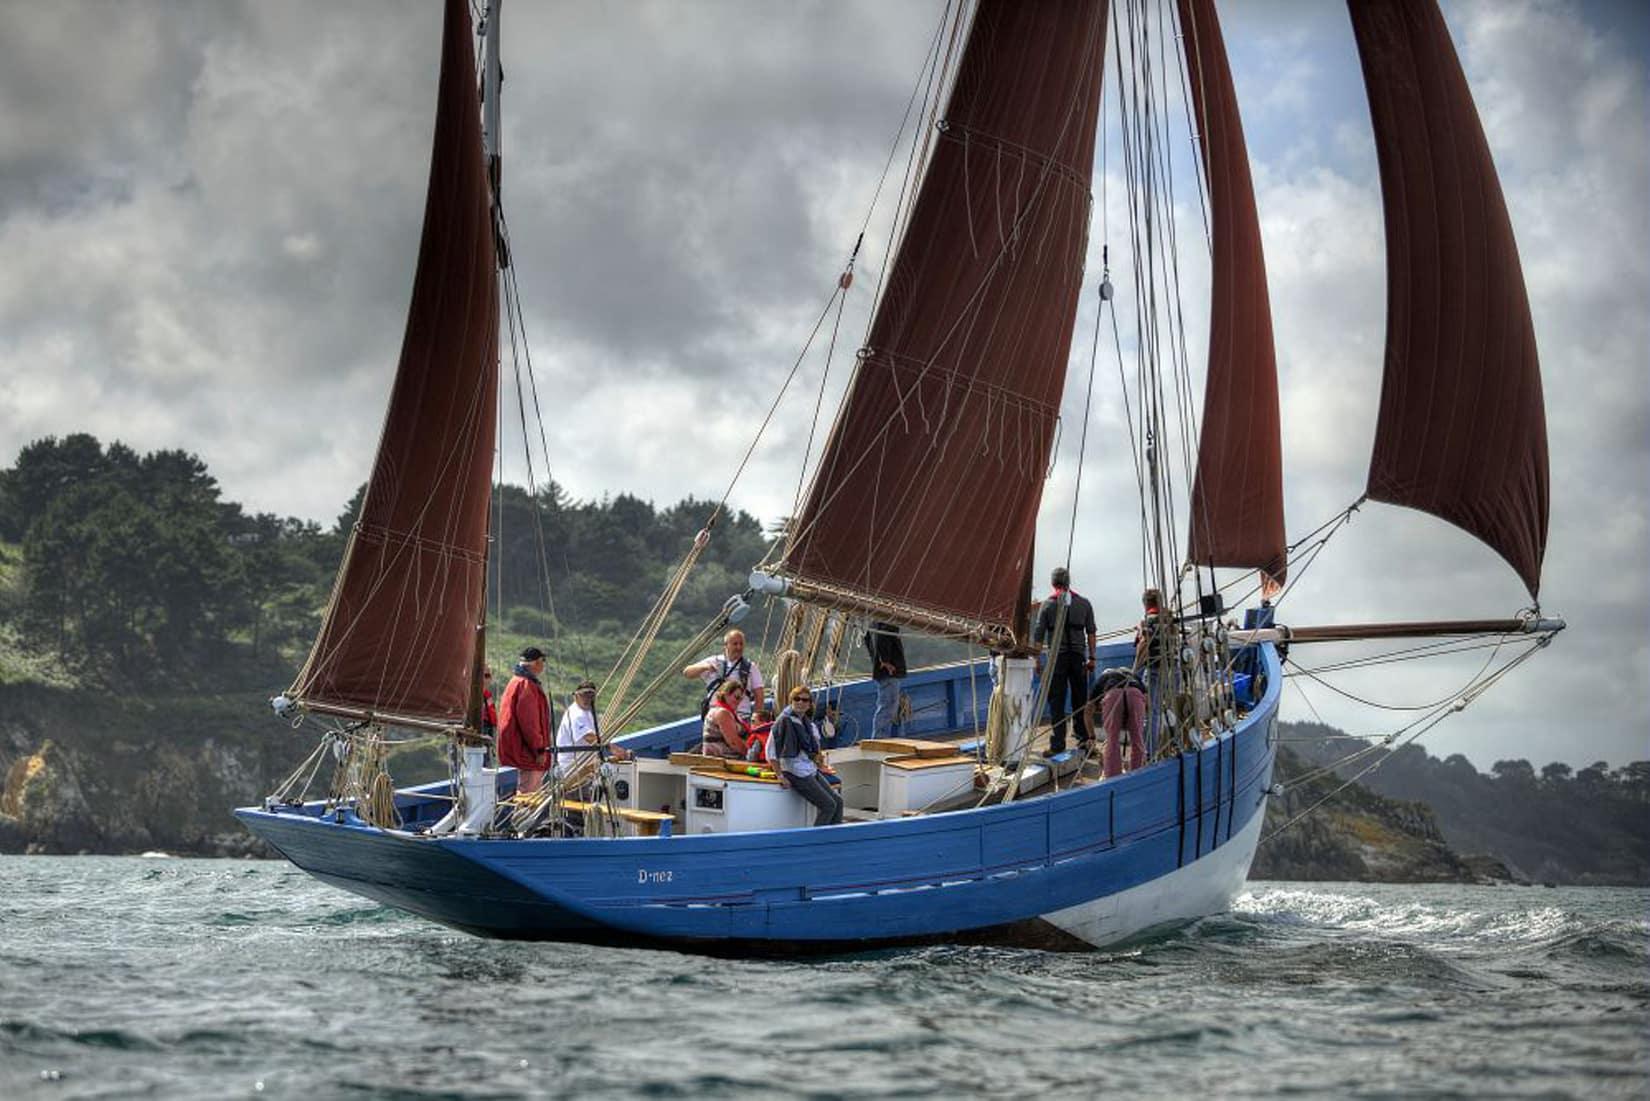 Le bateau le Saint-Guénolé navigue sur la mer © GLADU Ronan - CRTB